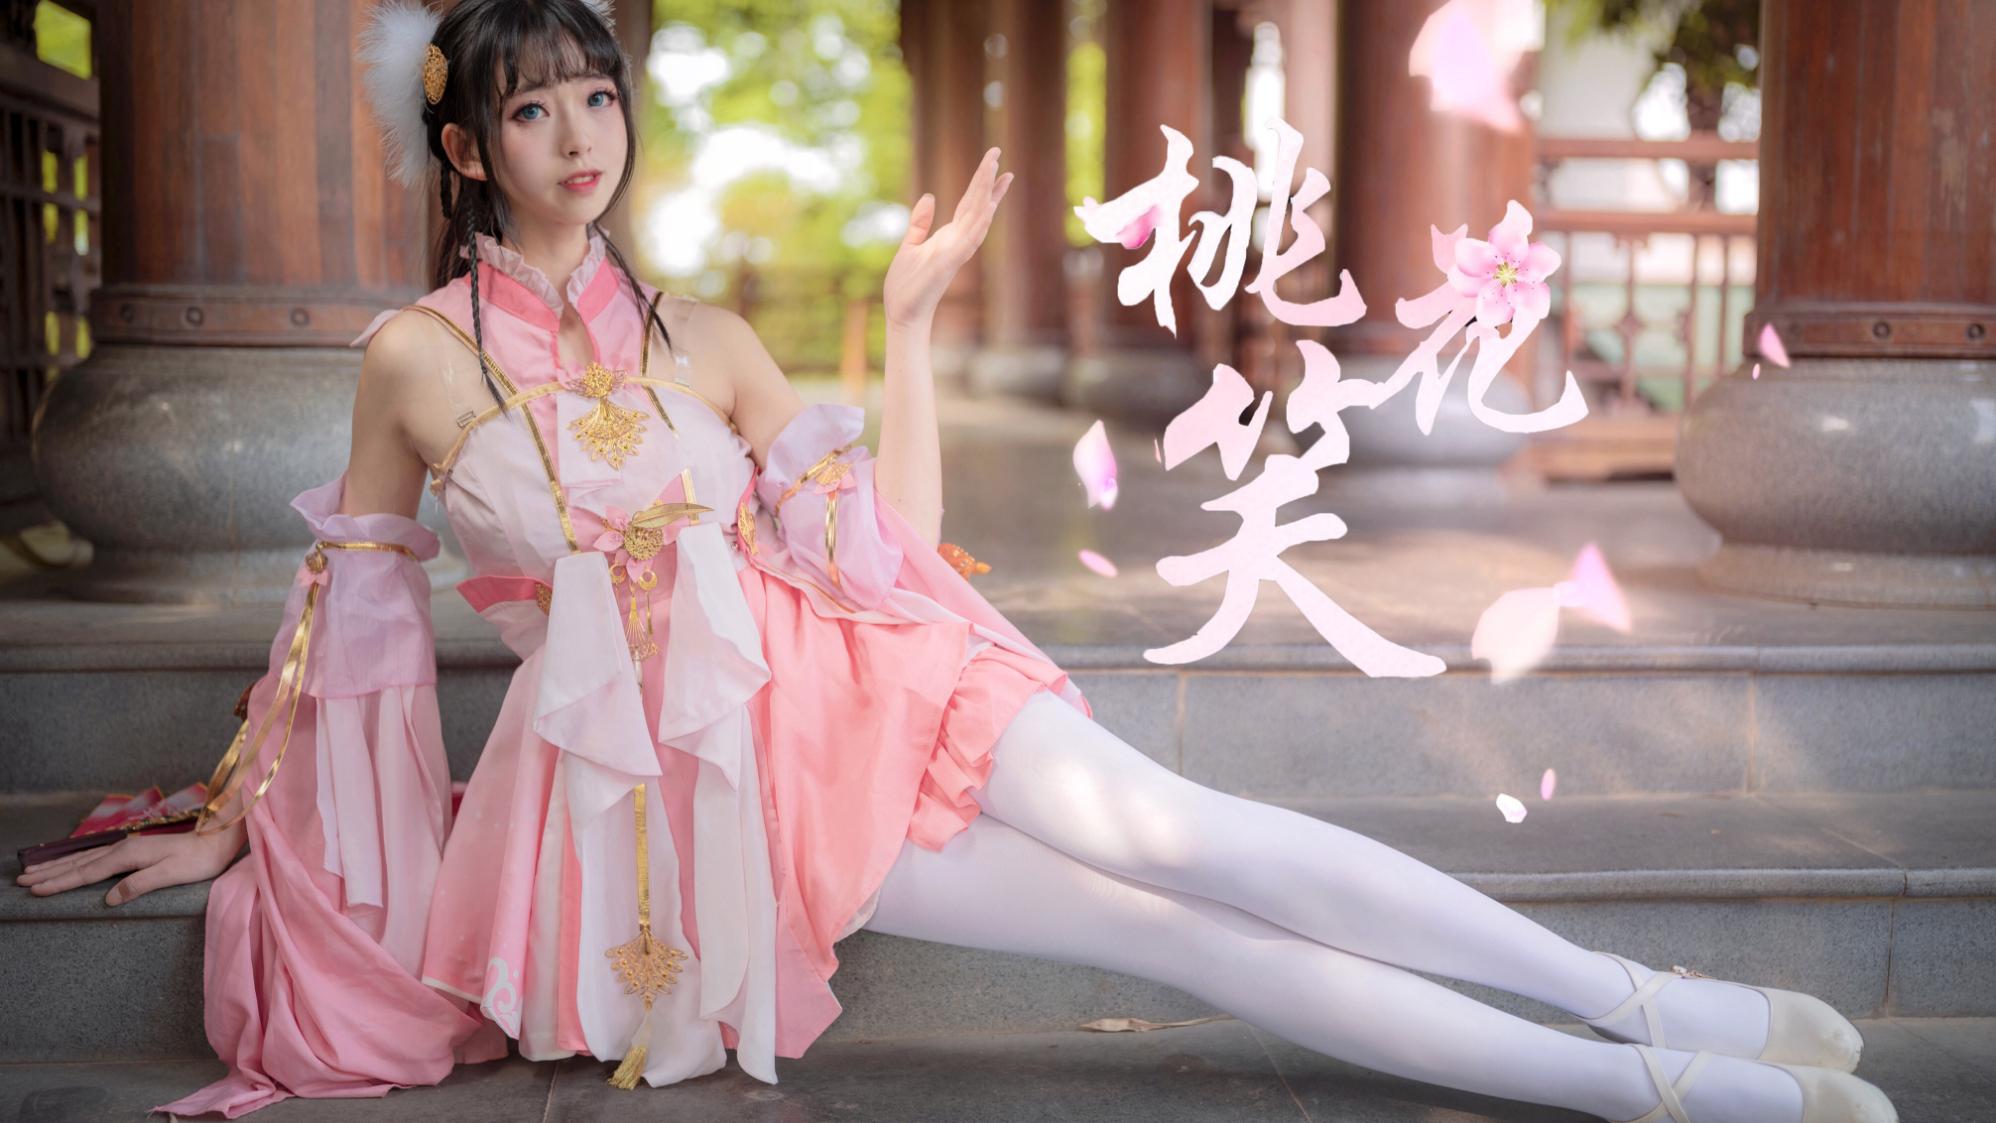 【翎霜】桃花笑✿春风来,桃花笑~